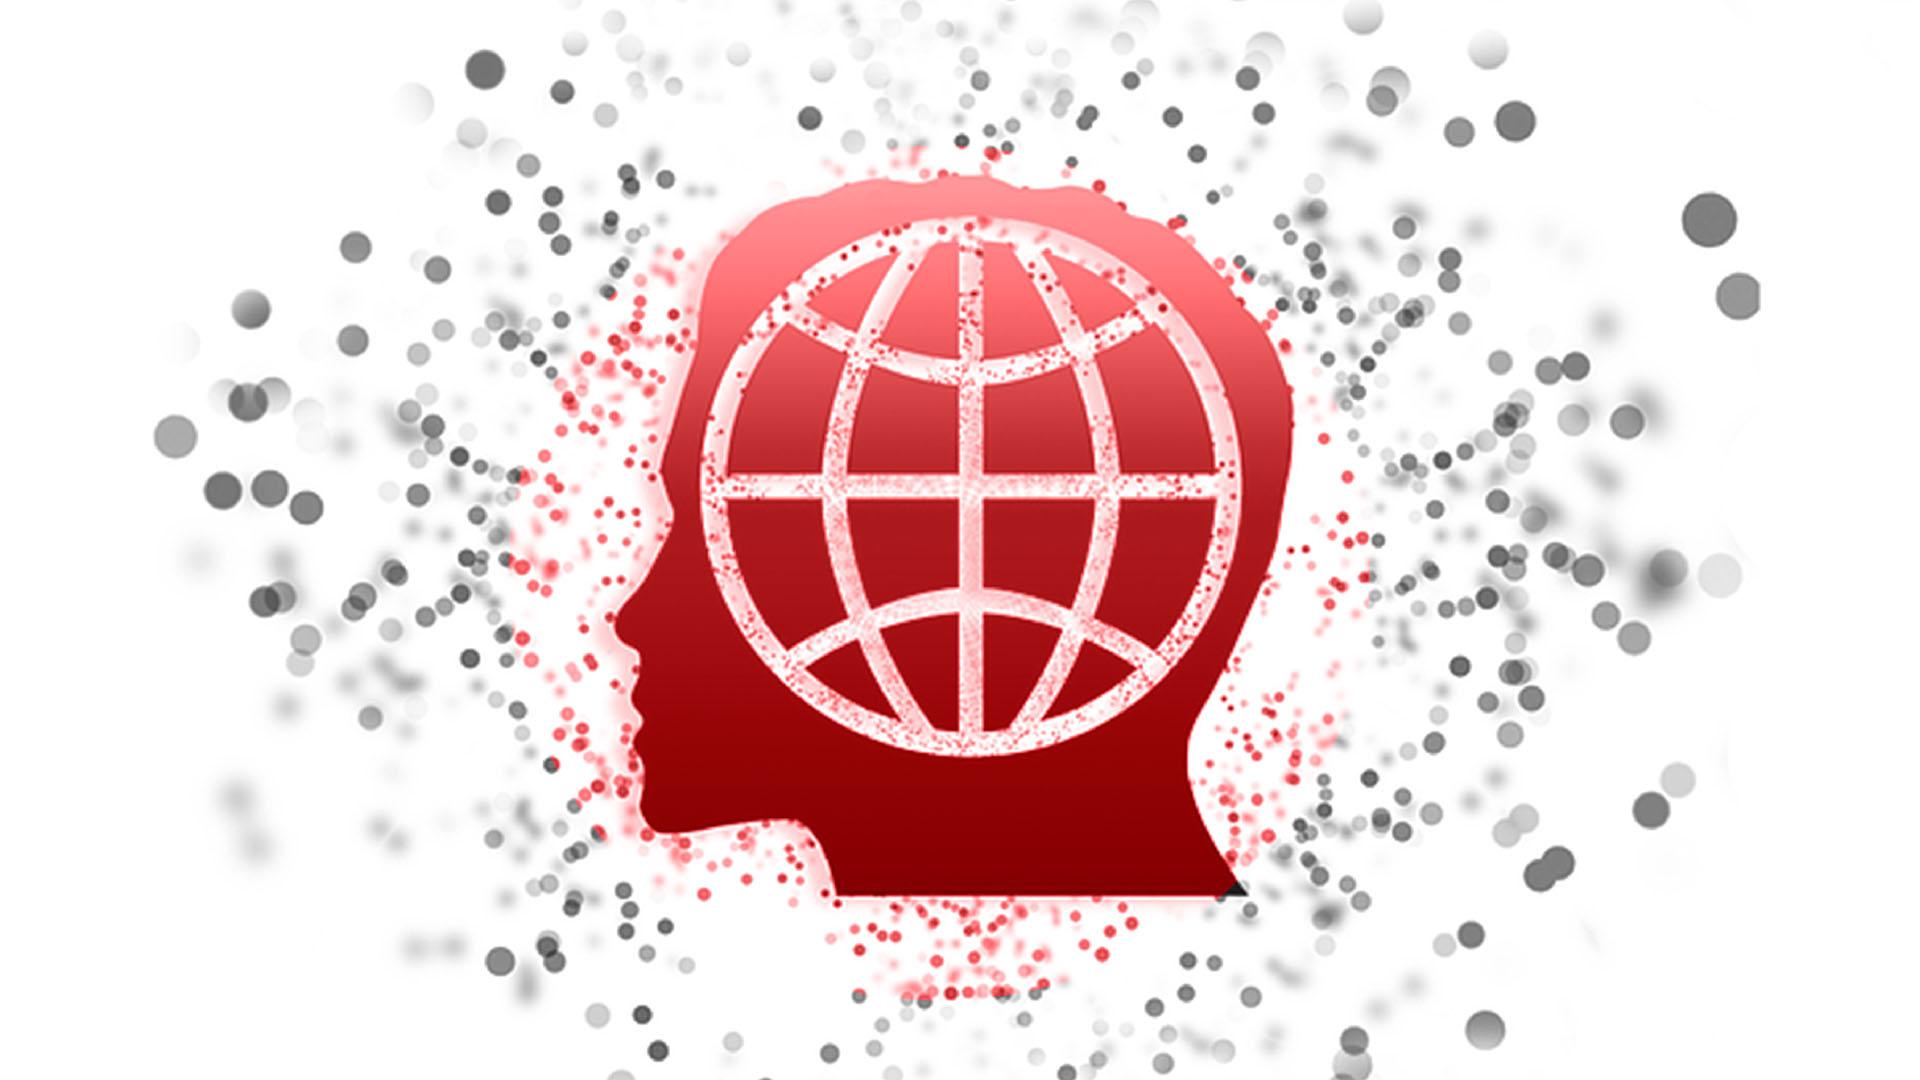 La pandemia es el progresismo, por Asdrúbal Aguiar